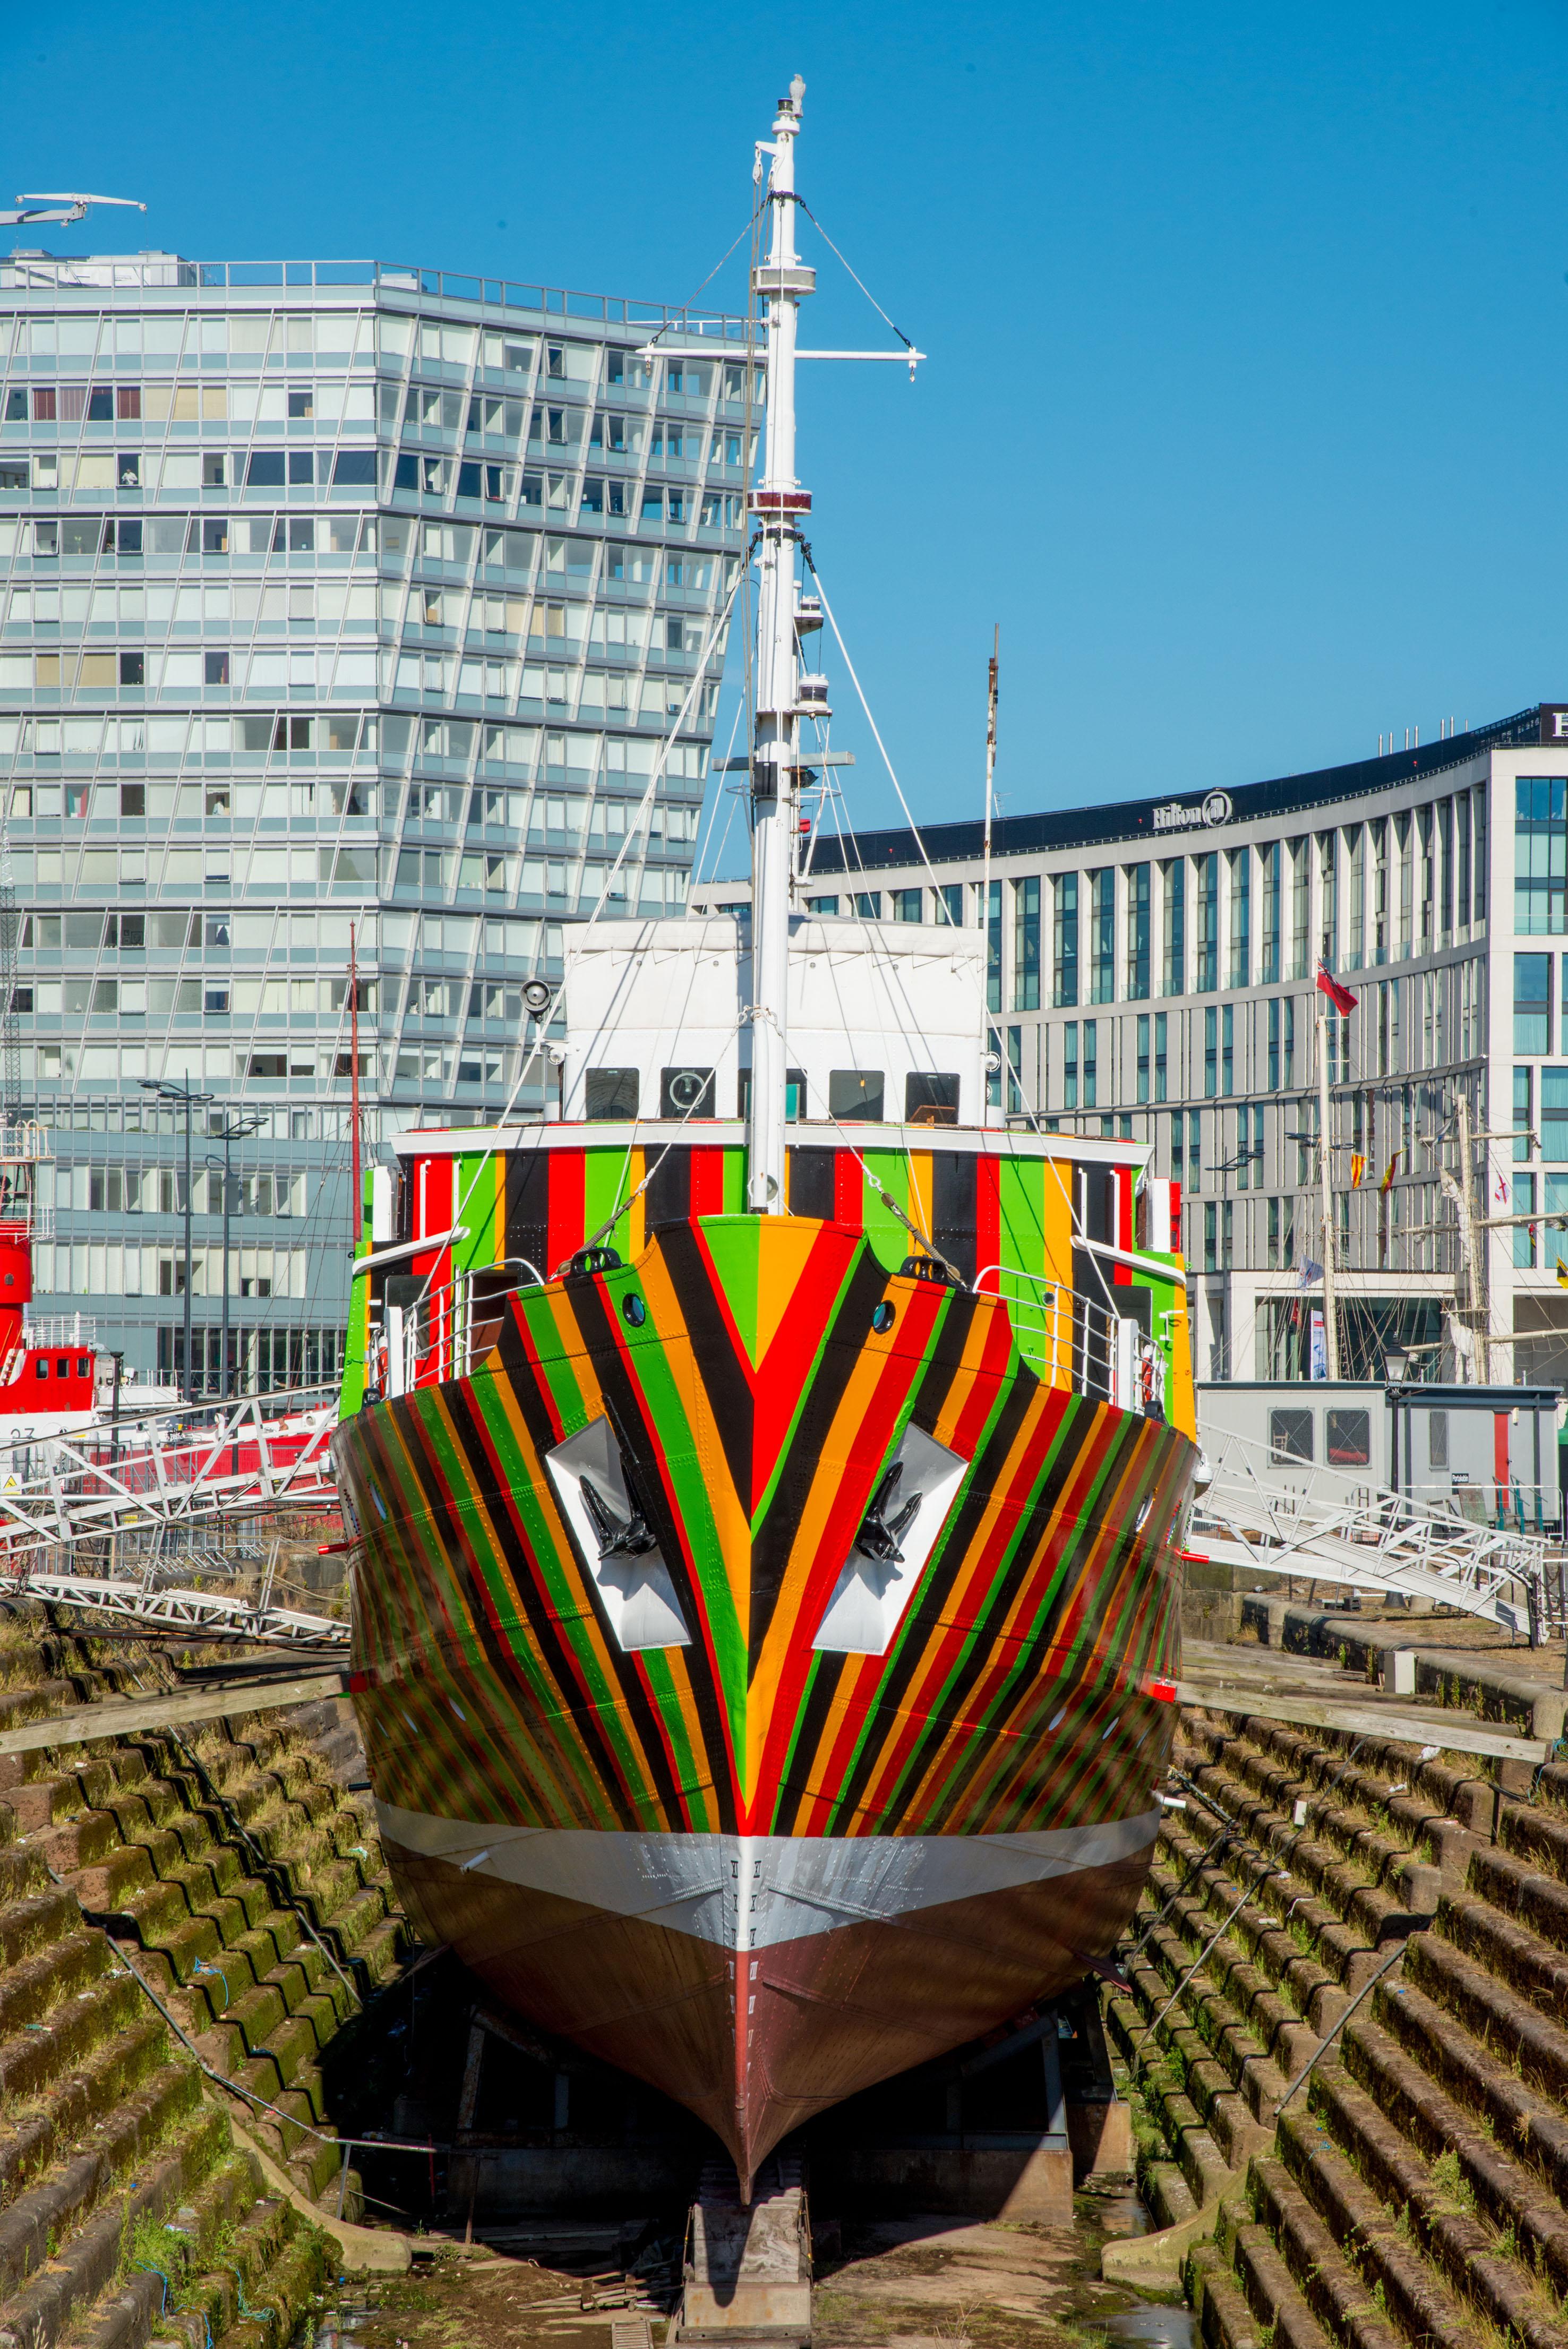 Dazzle Ship Liverpool, Carlos Cruz-Diez, 2014. Image credit - Mark McNulty